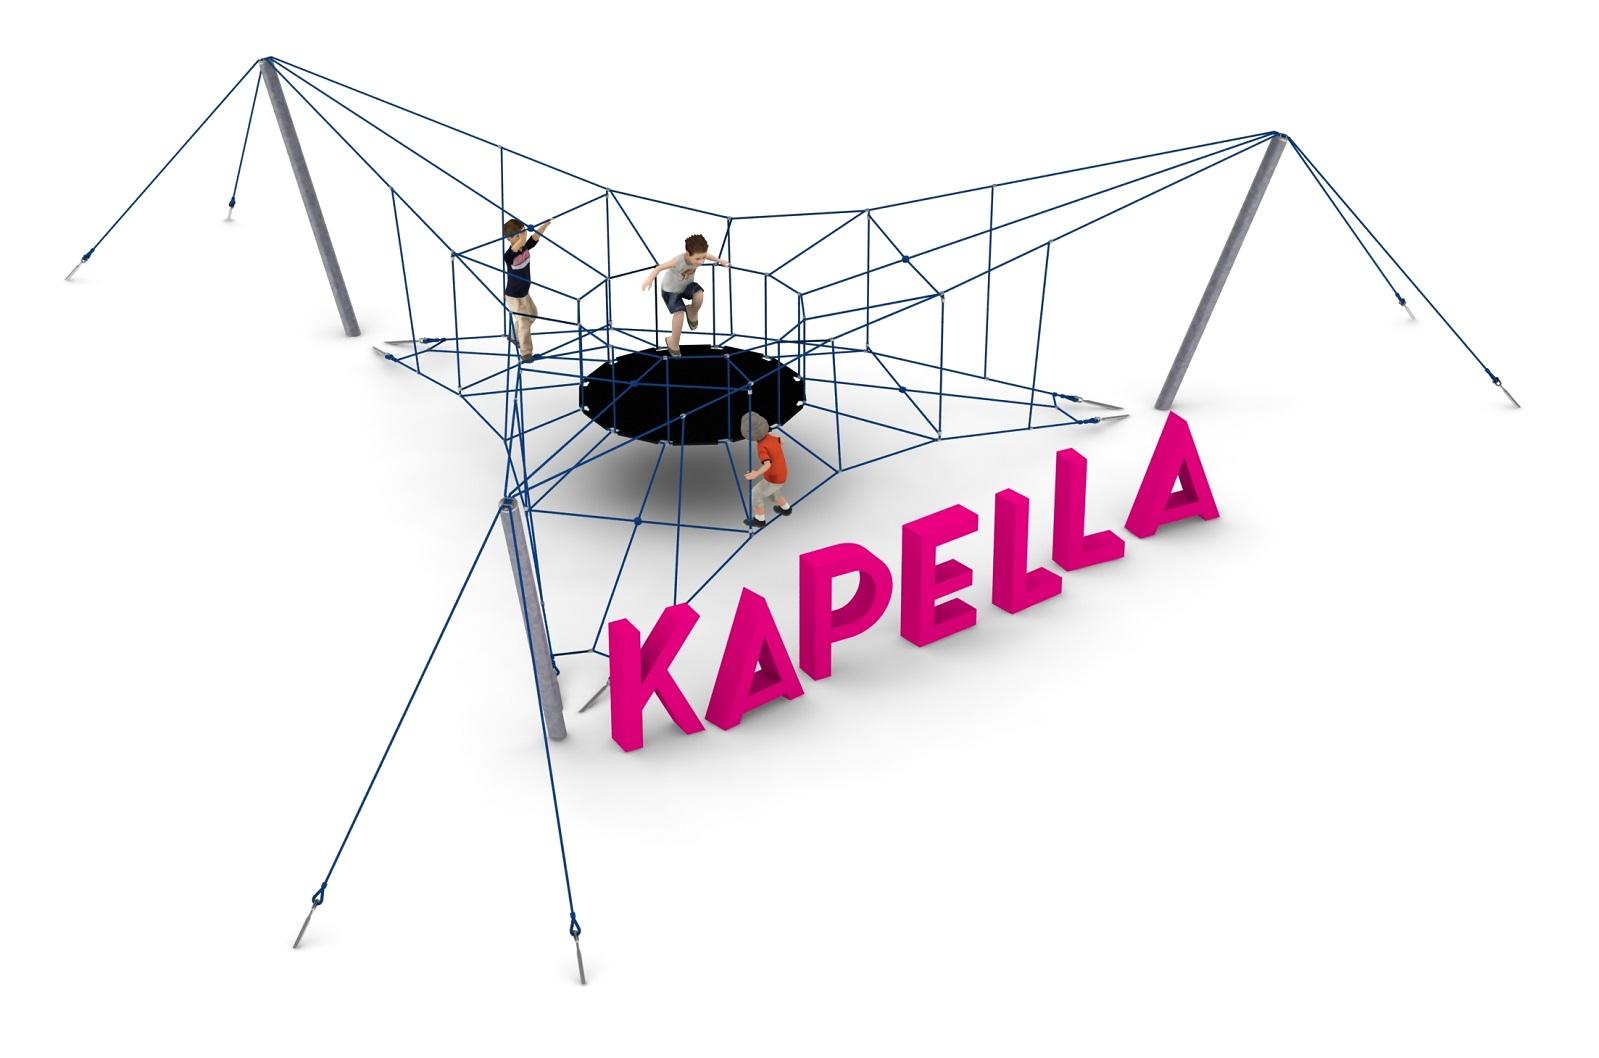 Pojedyncze urządzenie linowe Kapella dla placów zabaw - Magicnets